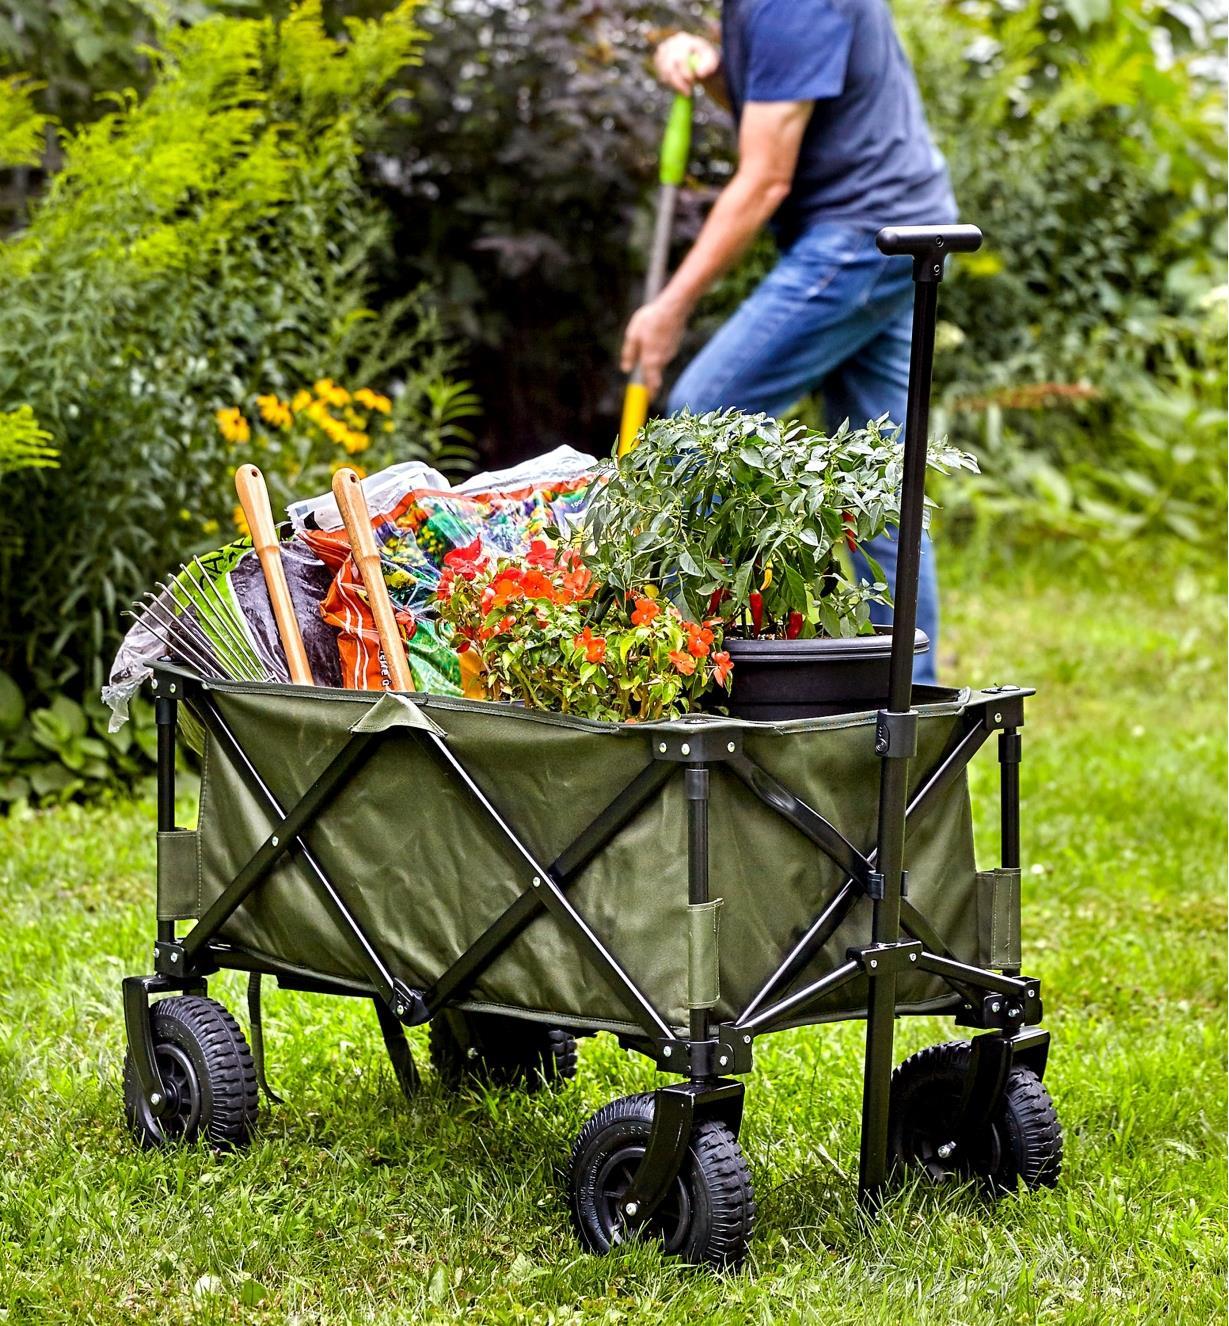 Un chariot pliant chargé de plantes, d'outils et de sacs de terreau dans un jardin